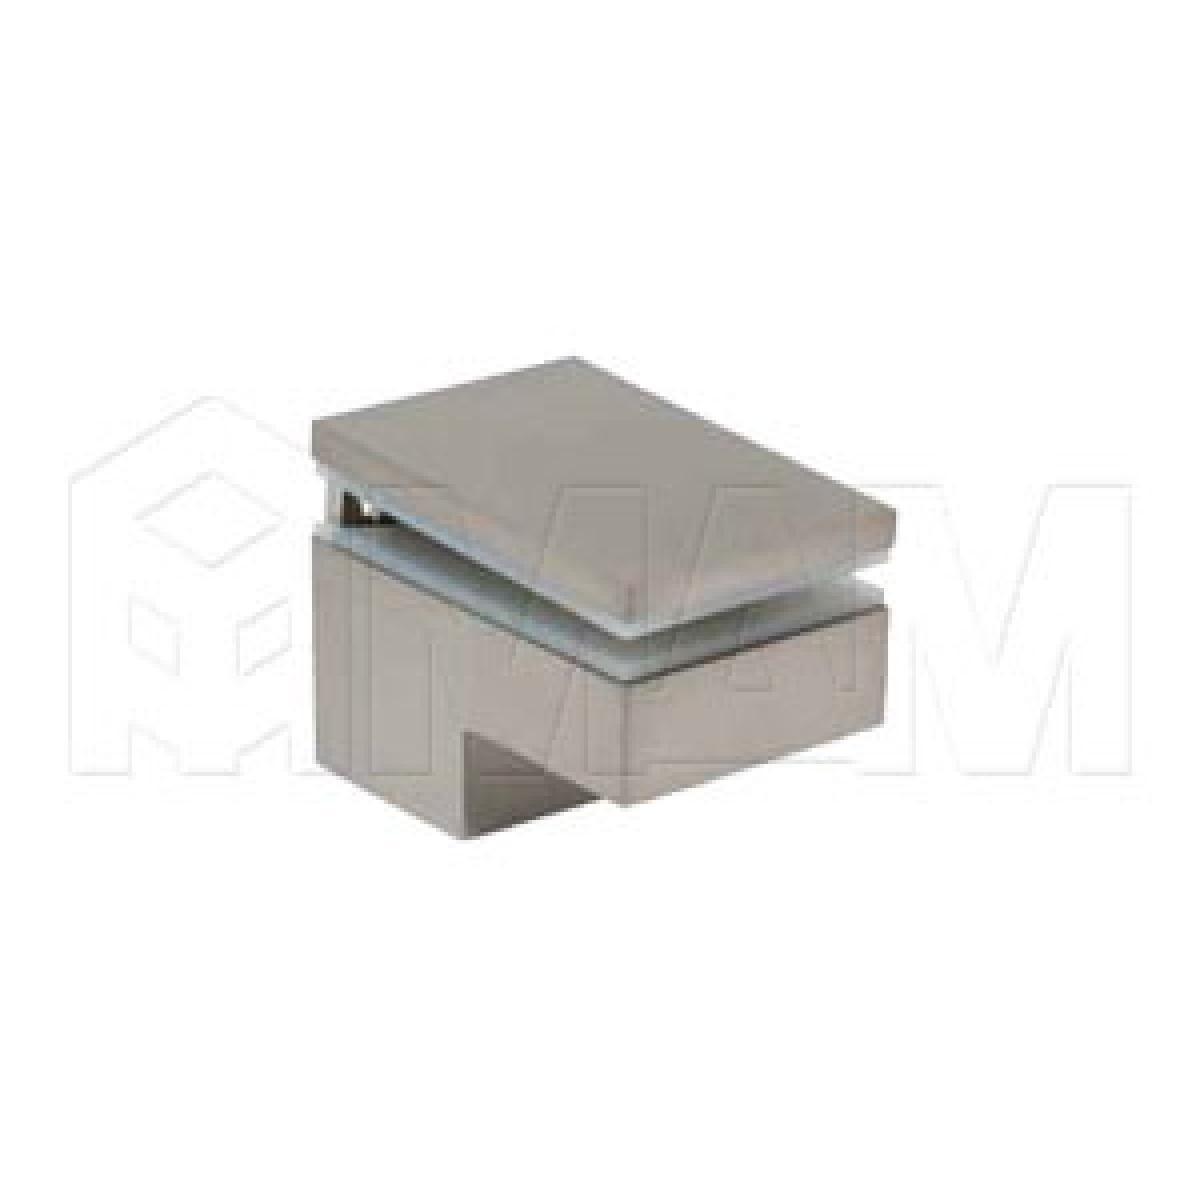 Менсолодержатель 40Х60 мм для деревянных и стеклянных полок 6 -25 мм, никель (2 шт.)